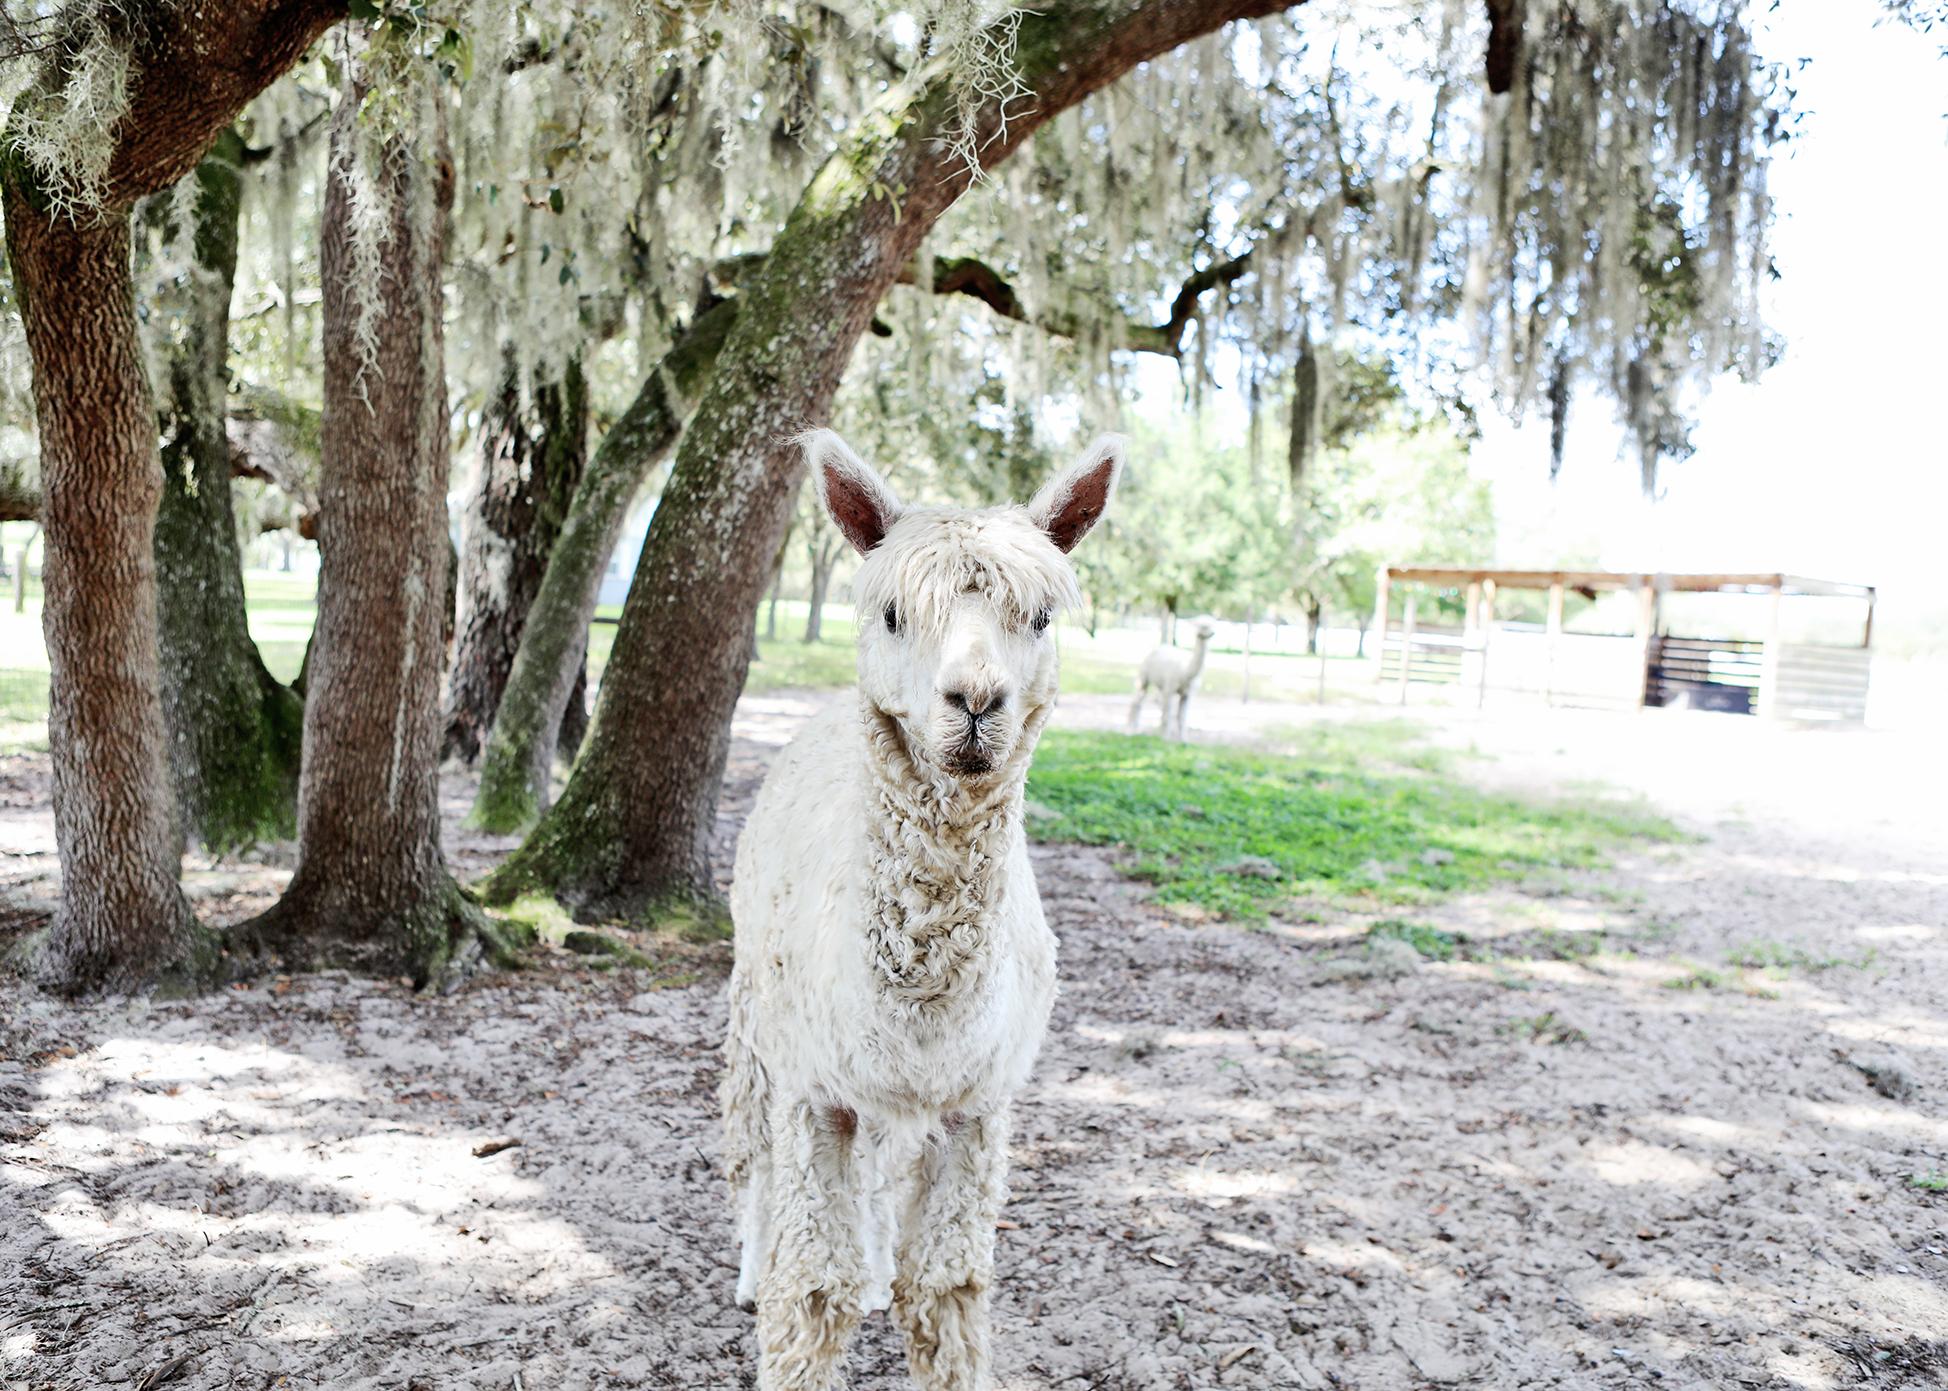 Alpacas in Orlando